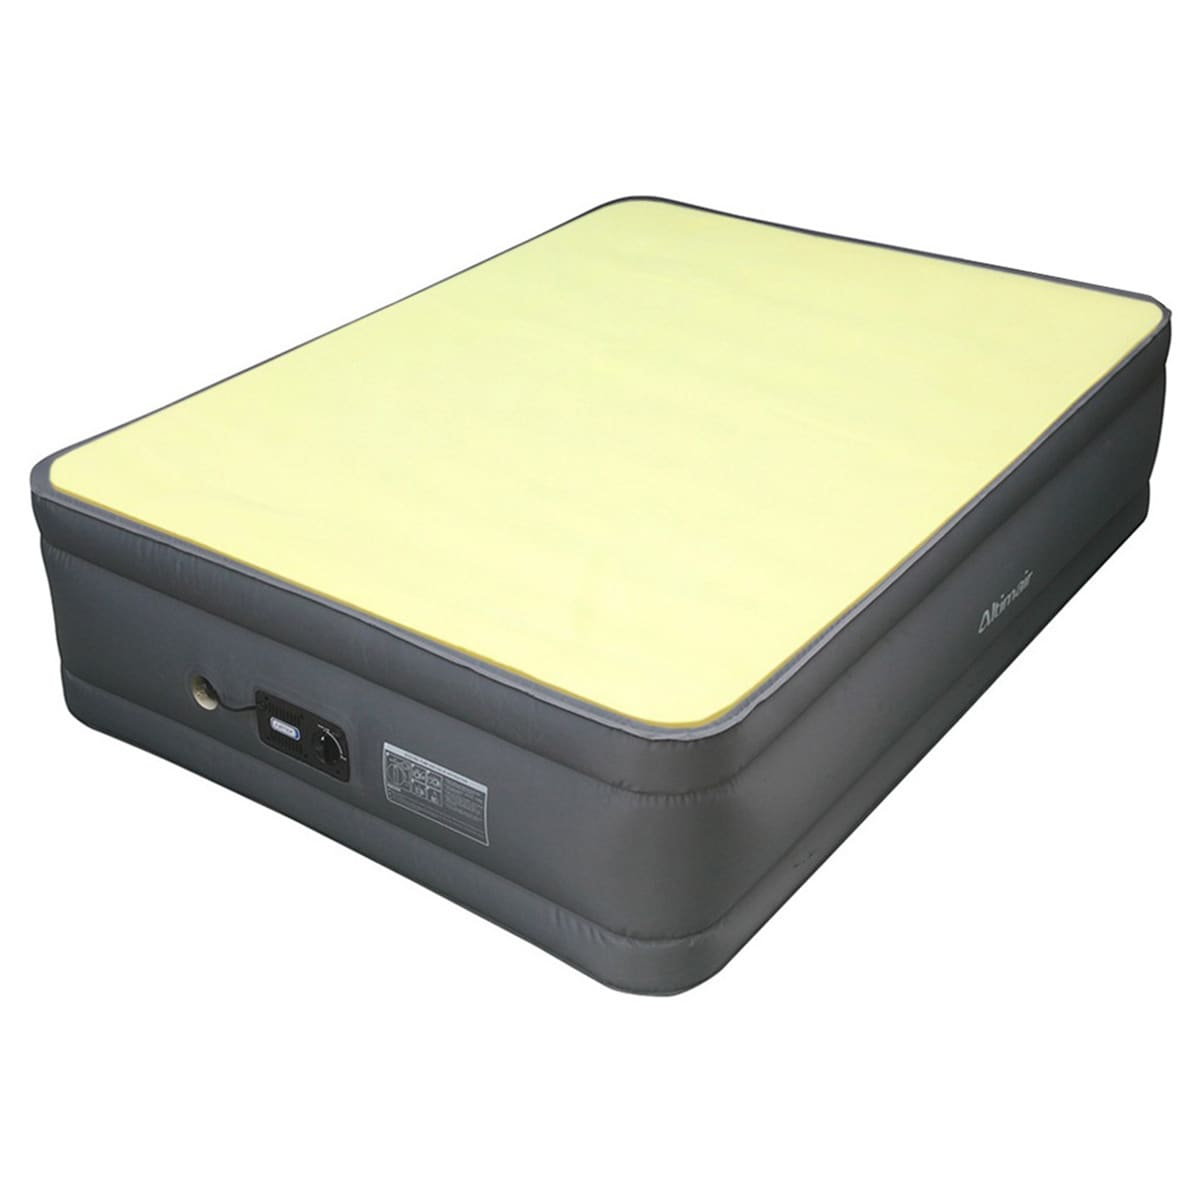 Altimair Full-size Air Mattress with Memory Foam Mattress...